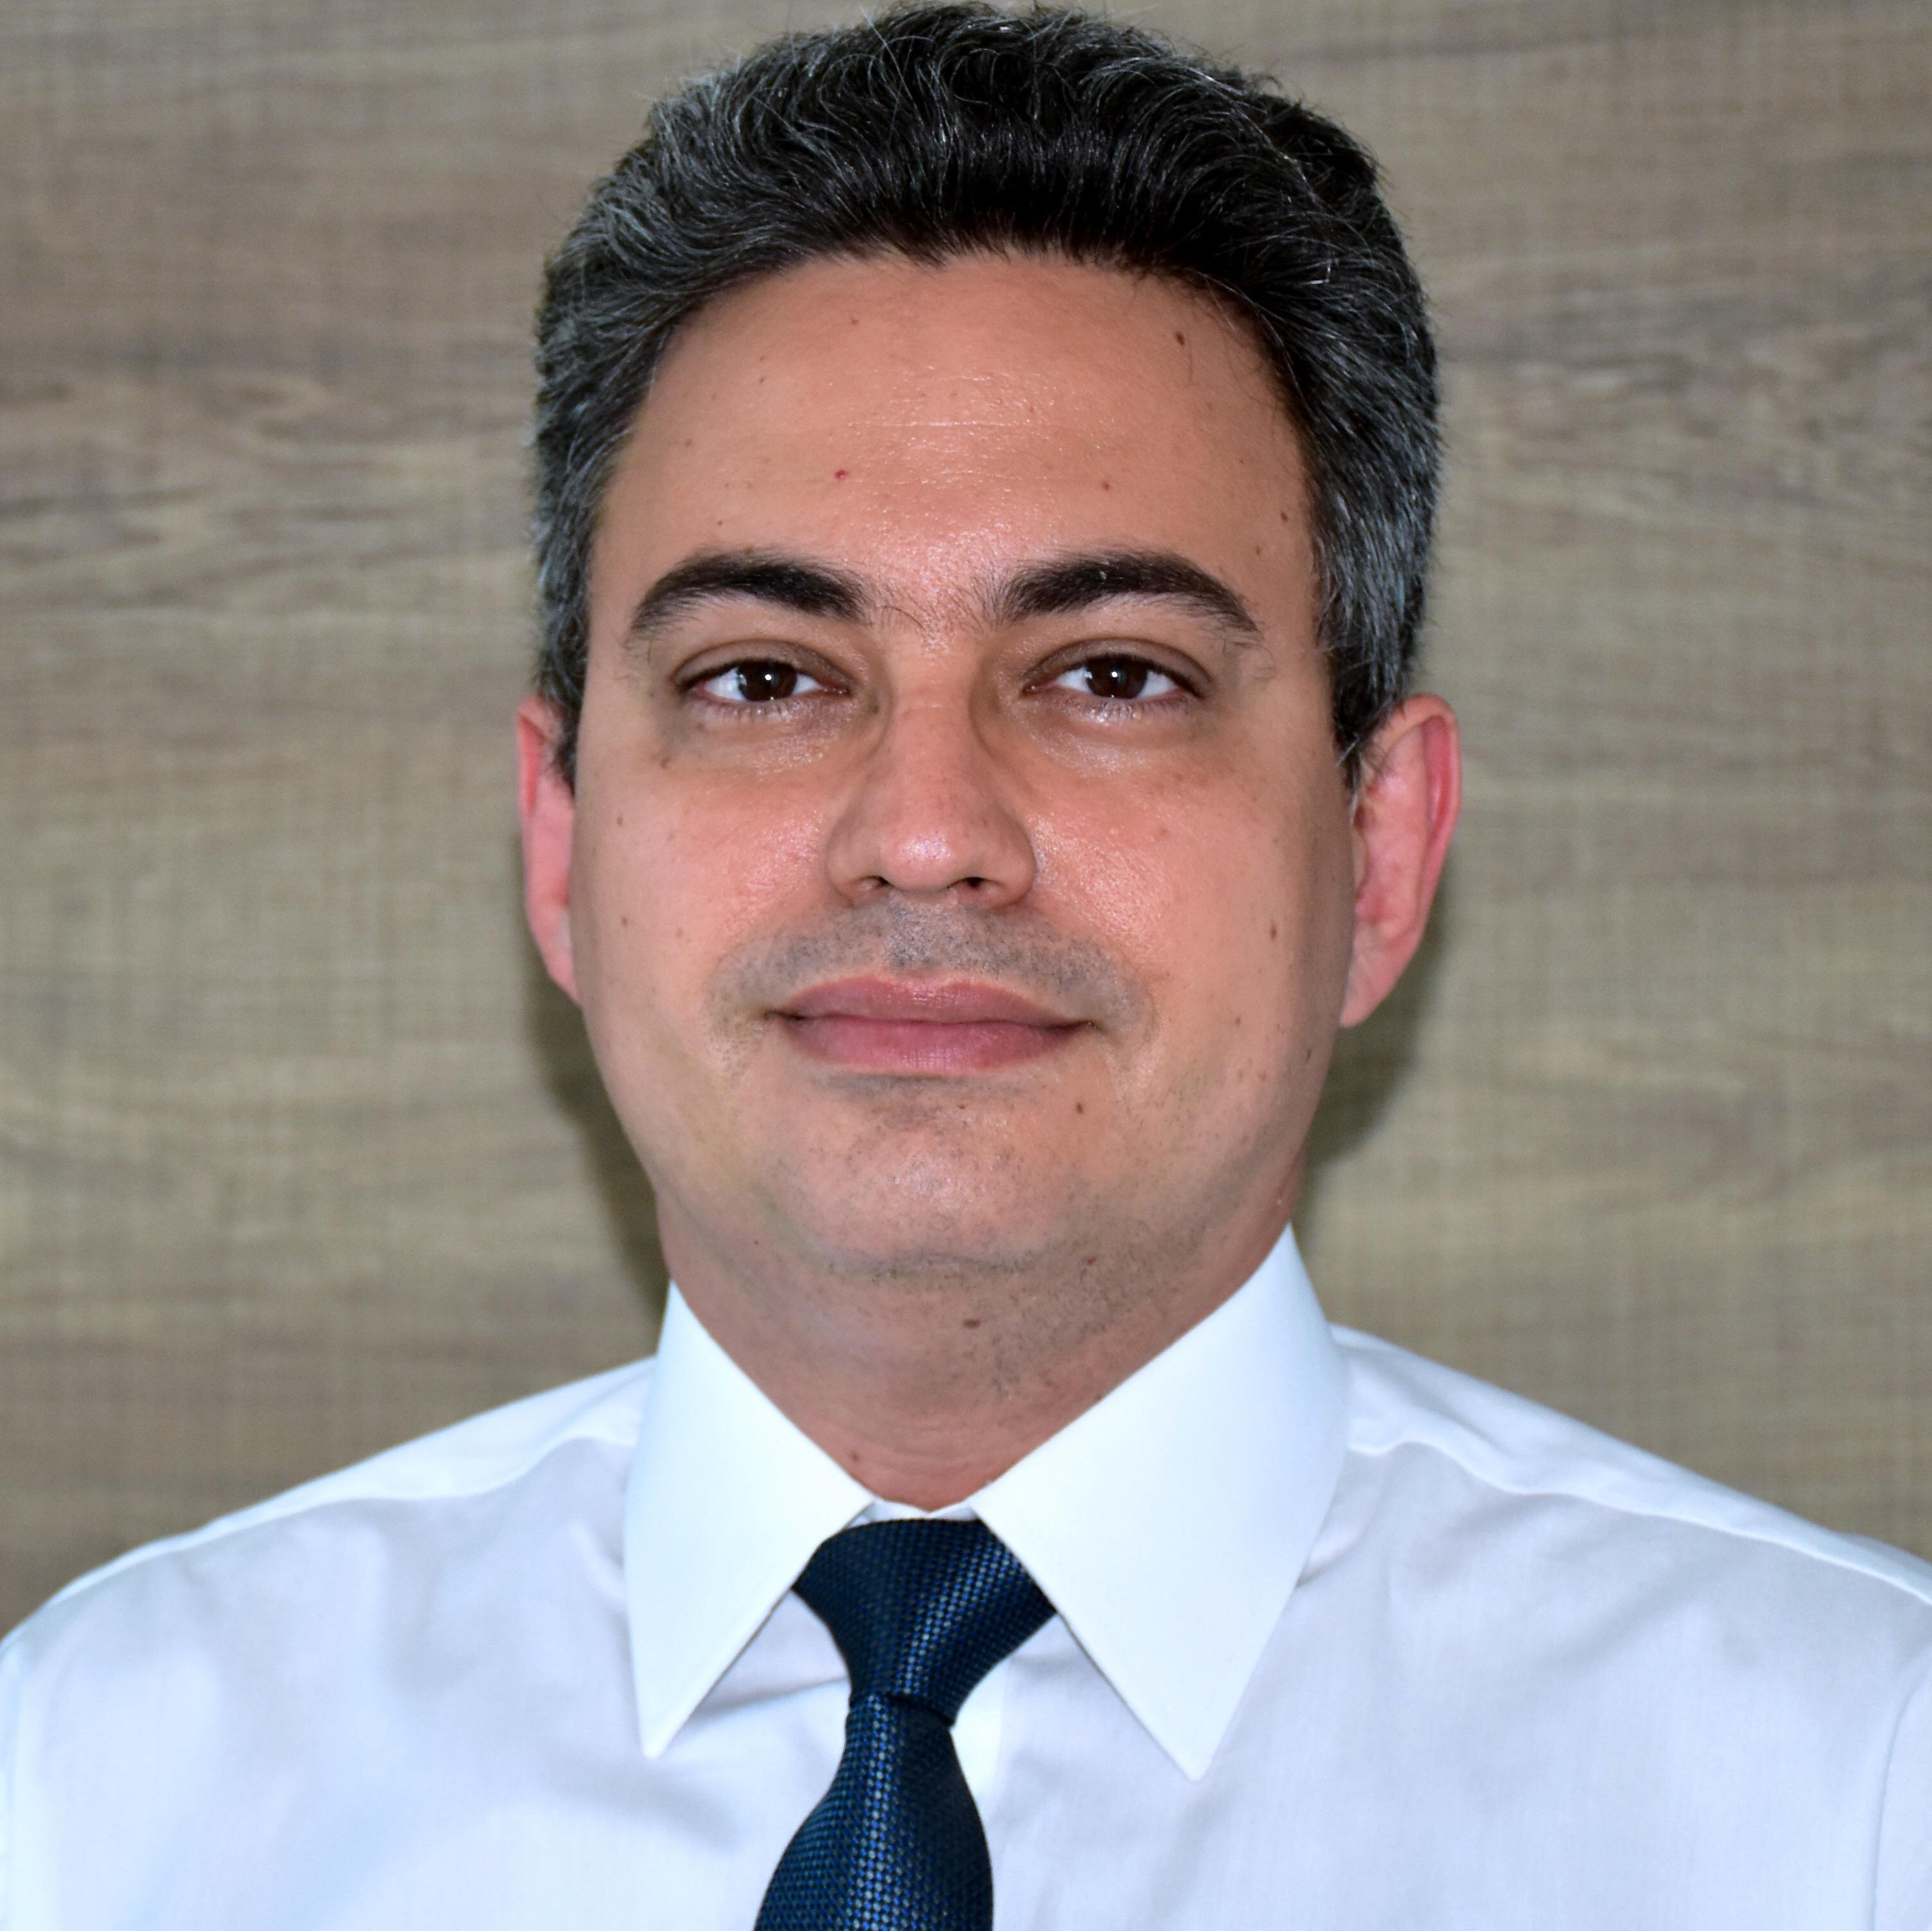 Antonio Aldo Melo Filho